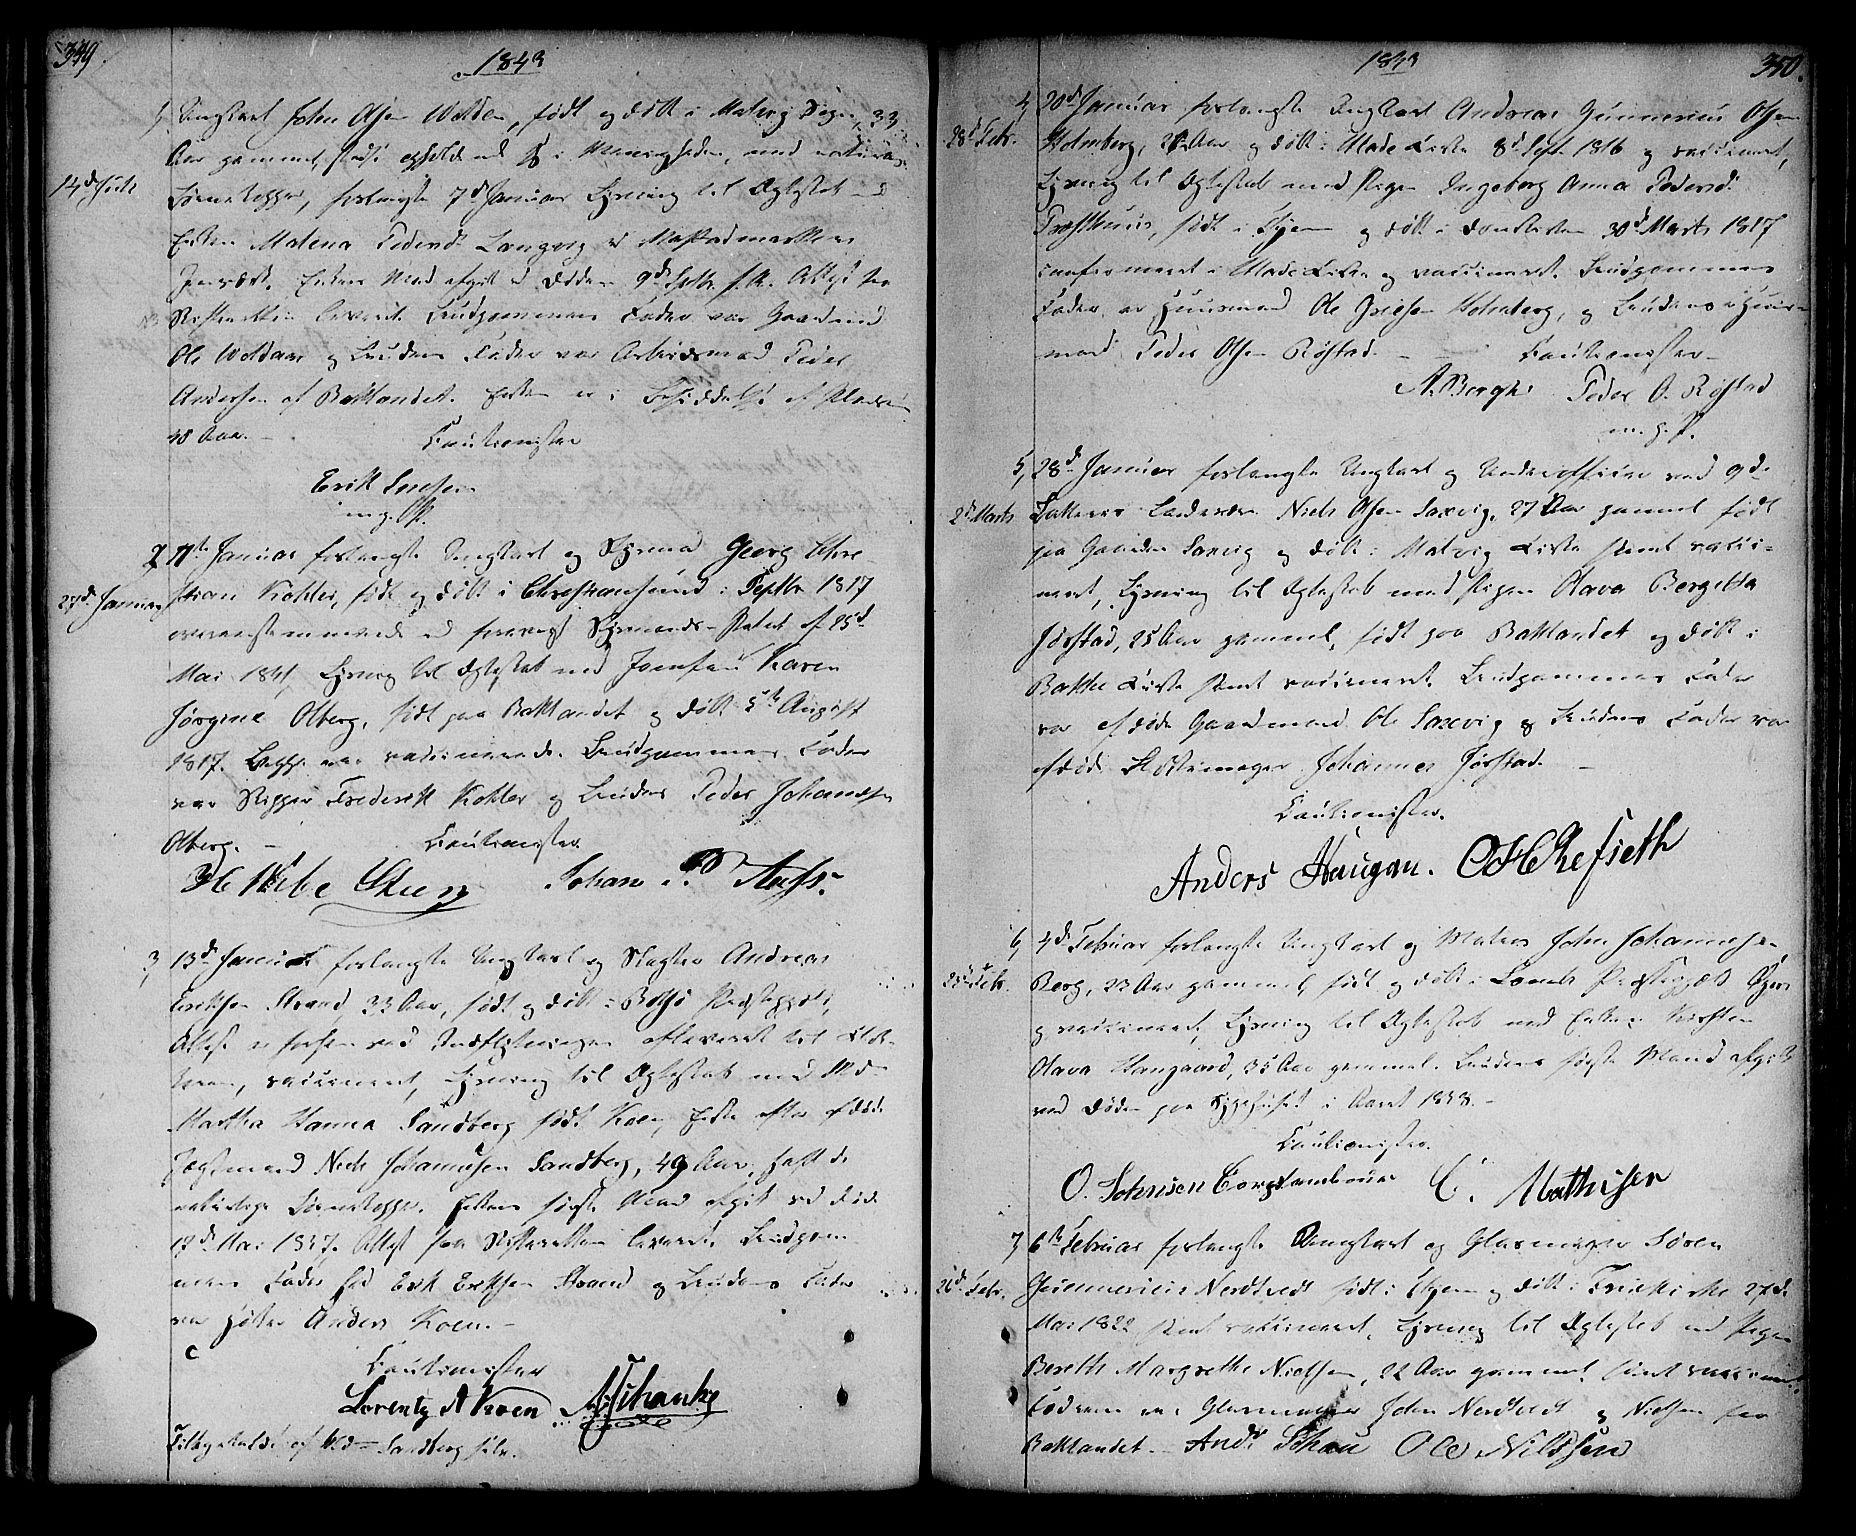 SAT, Ministerialprotokoller, klokkerbøker og fødselsregistre - Sør-Trøndelag, 604/L0181: Ministerialbok nr. 604A02, 1798-1817, s. 349-350